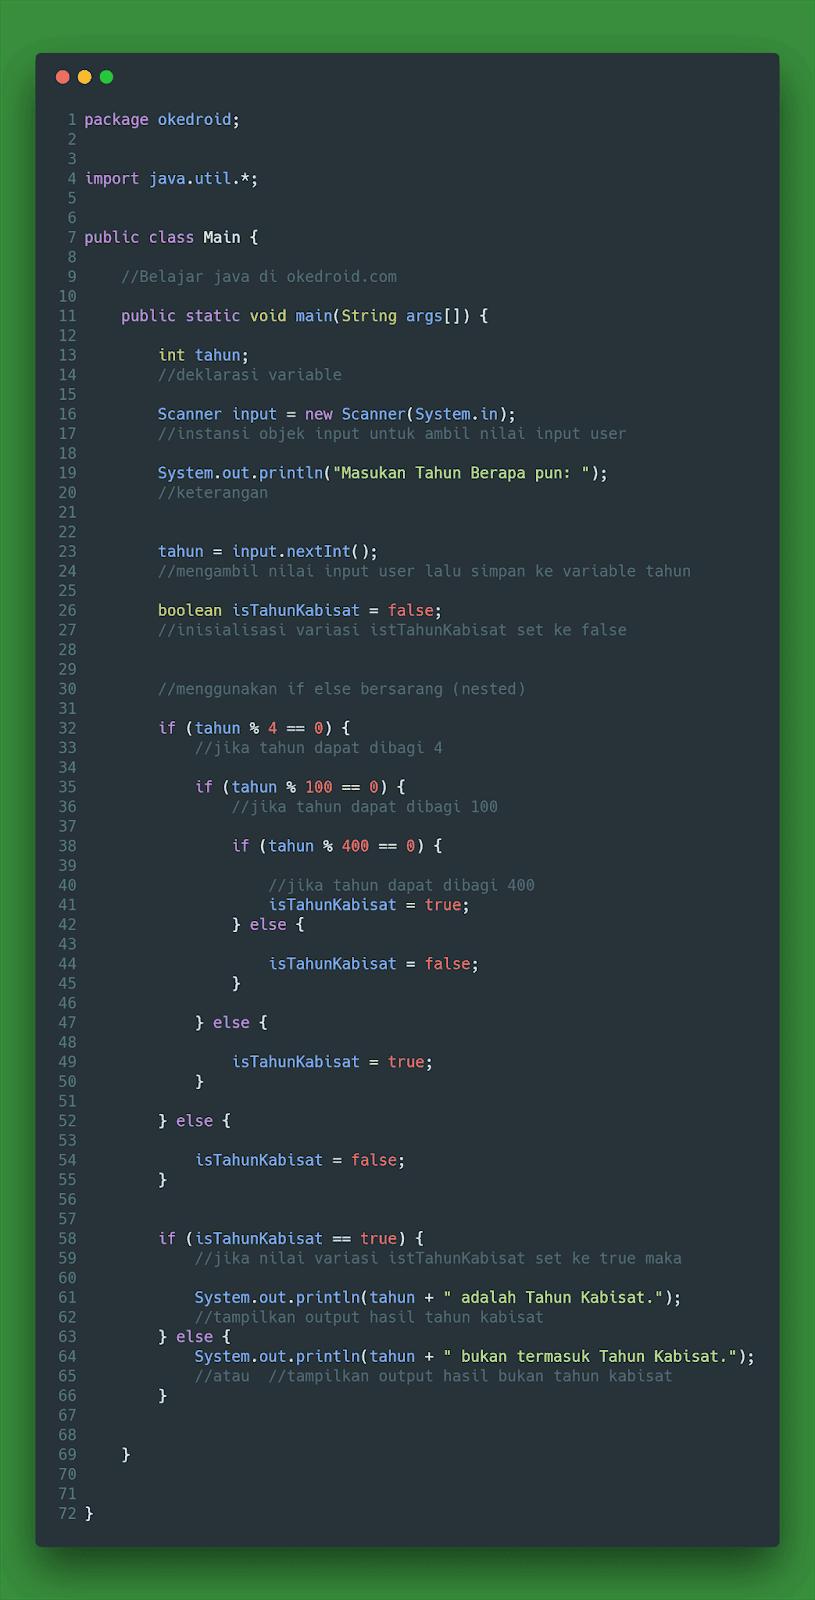 Contoh Code Menghitung Menentukan Tahun Kabisat di Program Java